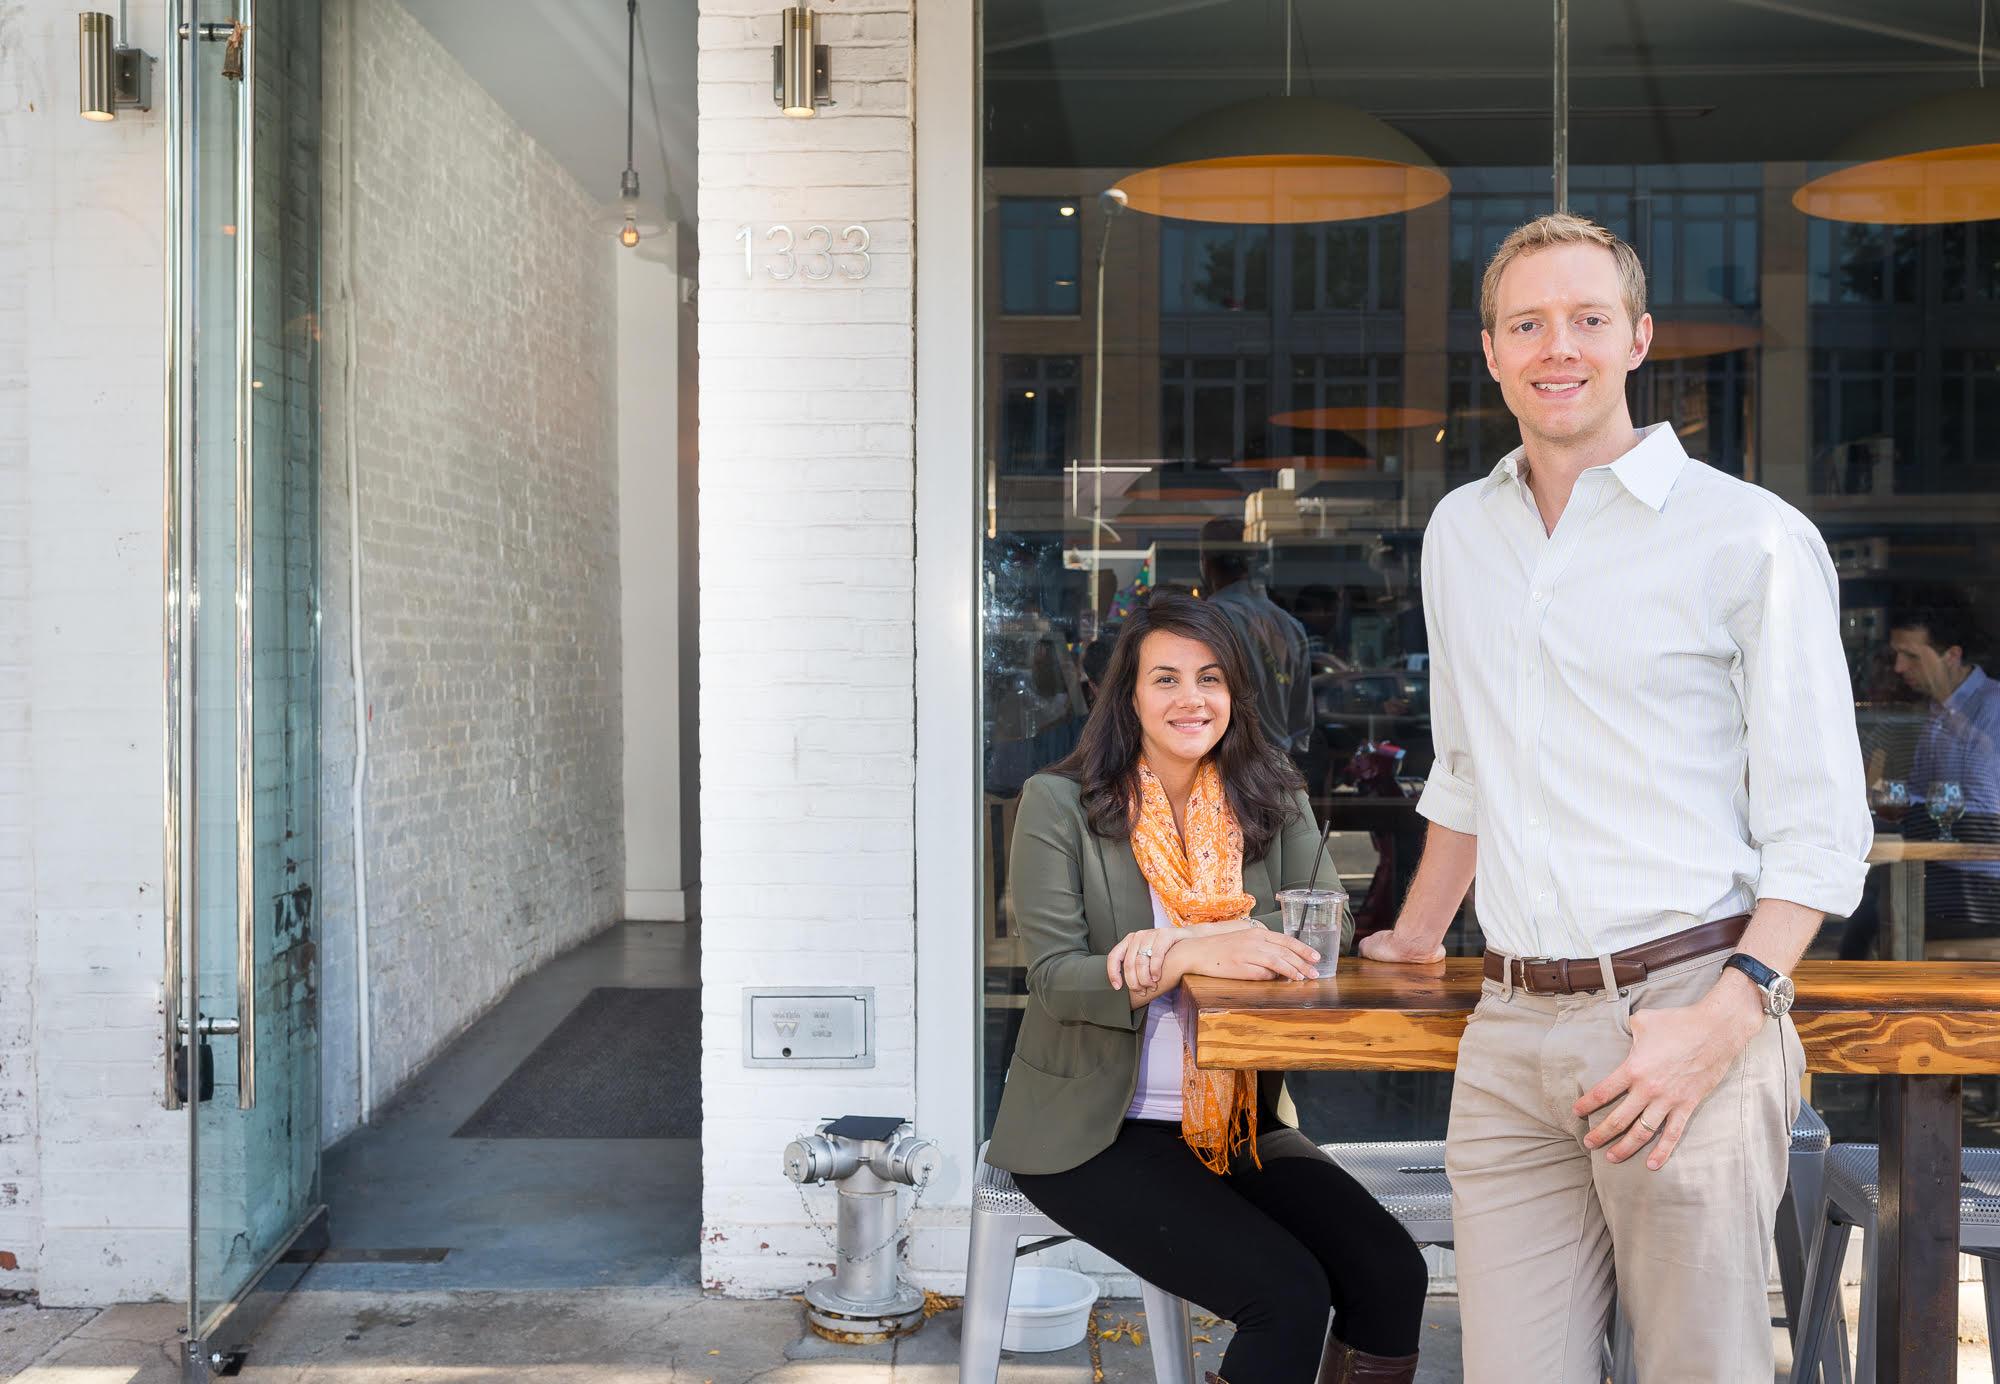 Slipstream's Ryan Fleming and Miranda Mirabella